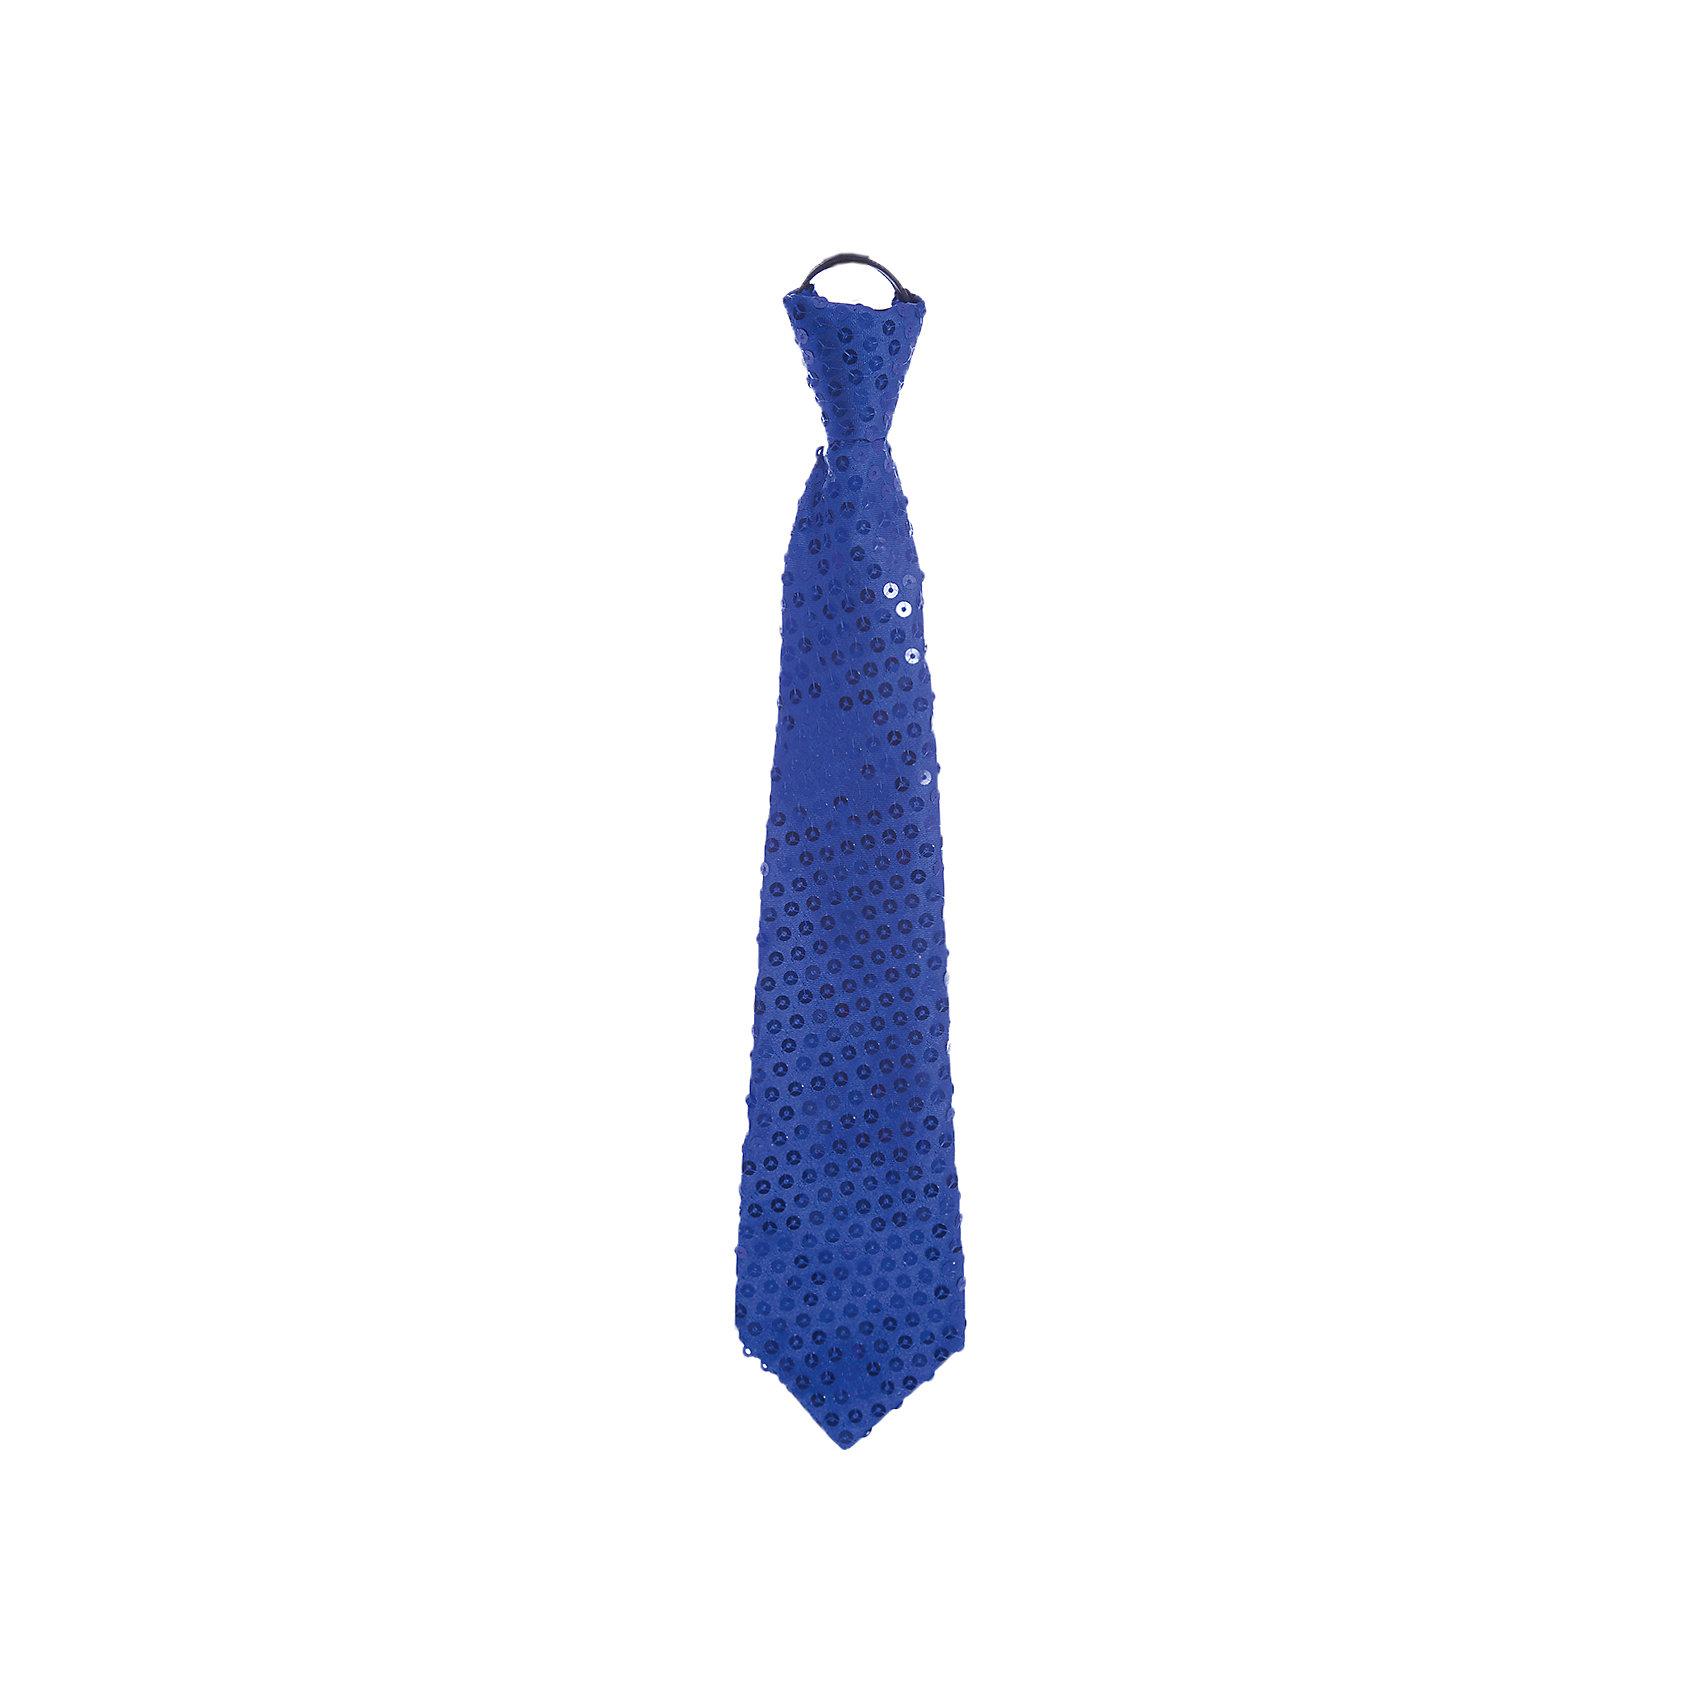 Маскарадный галстук СинийДля мальчиков<br>Блестящий аксессуар - прекрасный вариант для новогодней вечеринки! Яркий маскарадный галстук оживит любой образ или же сможет стать памятным презентом. <br><br>Дополнительная информация:<br><br>- Материал: полиэстер.  <br>- Длина: 35 см.<br>- На резинке. <br><br>Маскарадный галстук Синий можно купить в нашем магазине.<br><br>Ширина мм: 270<br>Глубина мм: 130<br>Высота мм: 10<br>Вес г: 23<br>Возраст от месяцев: 36<br>Возраст до месяцев: 2147483647<br>Пол: Мужской<br>Возраст: Детский<br>SKU: 4981303